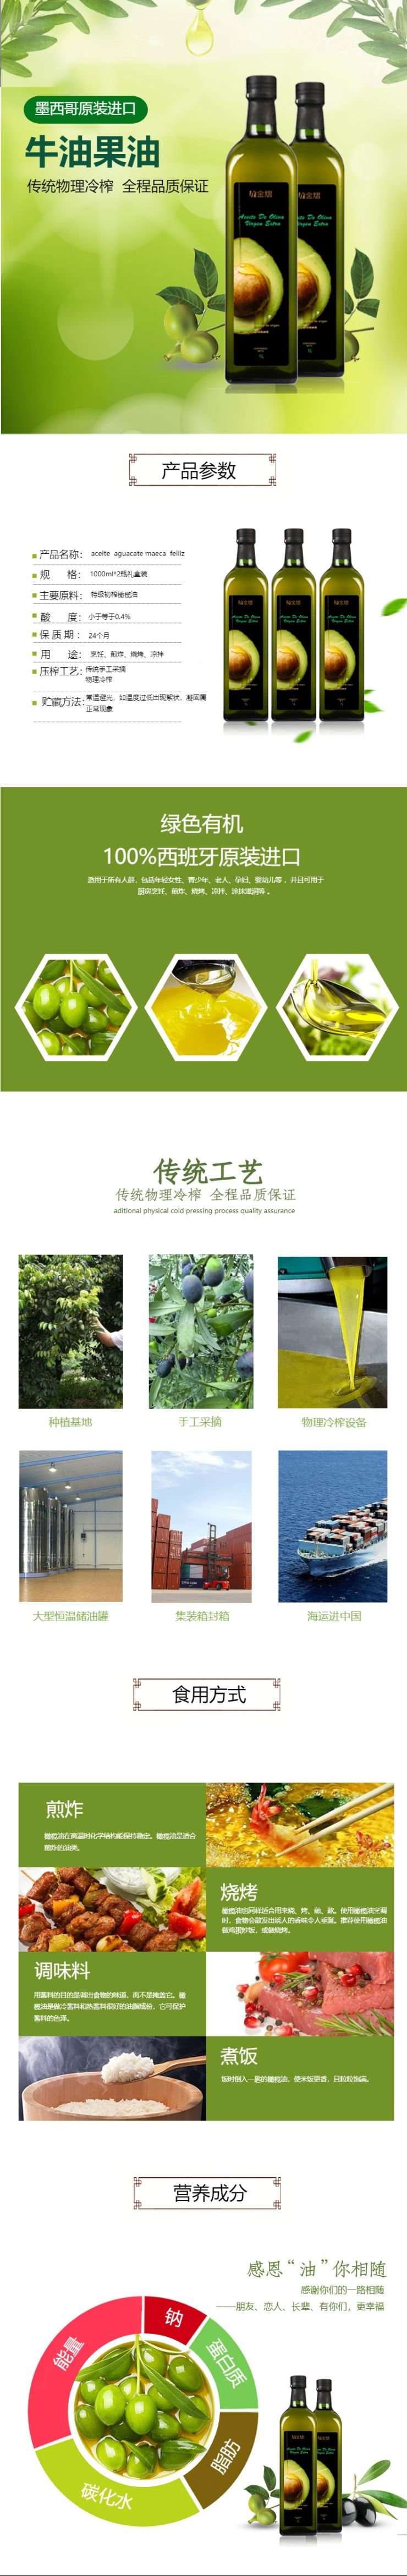 清新自然百货零售粮油副食牛油果油促销电商详情页